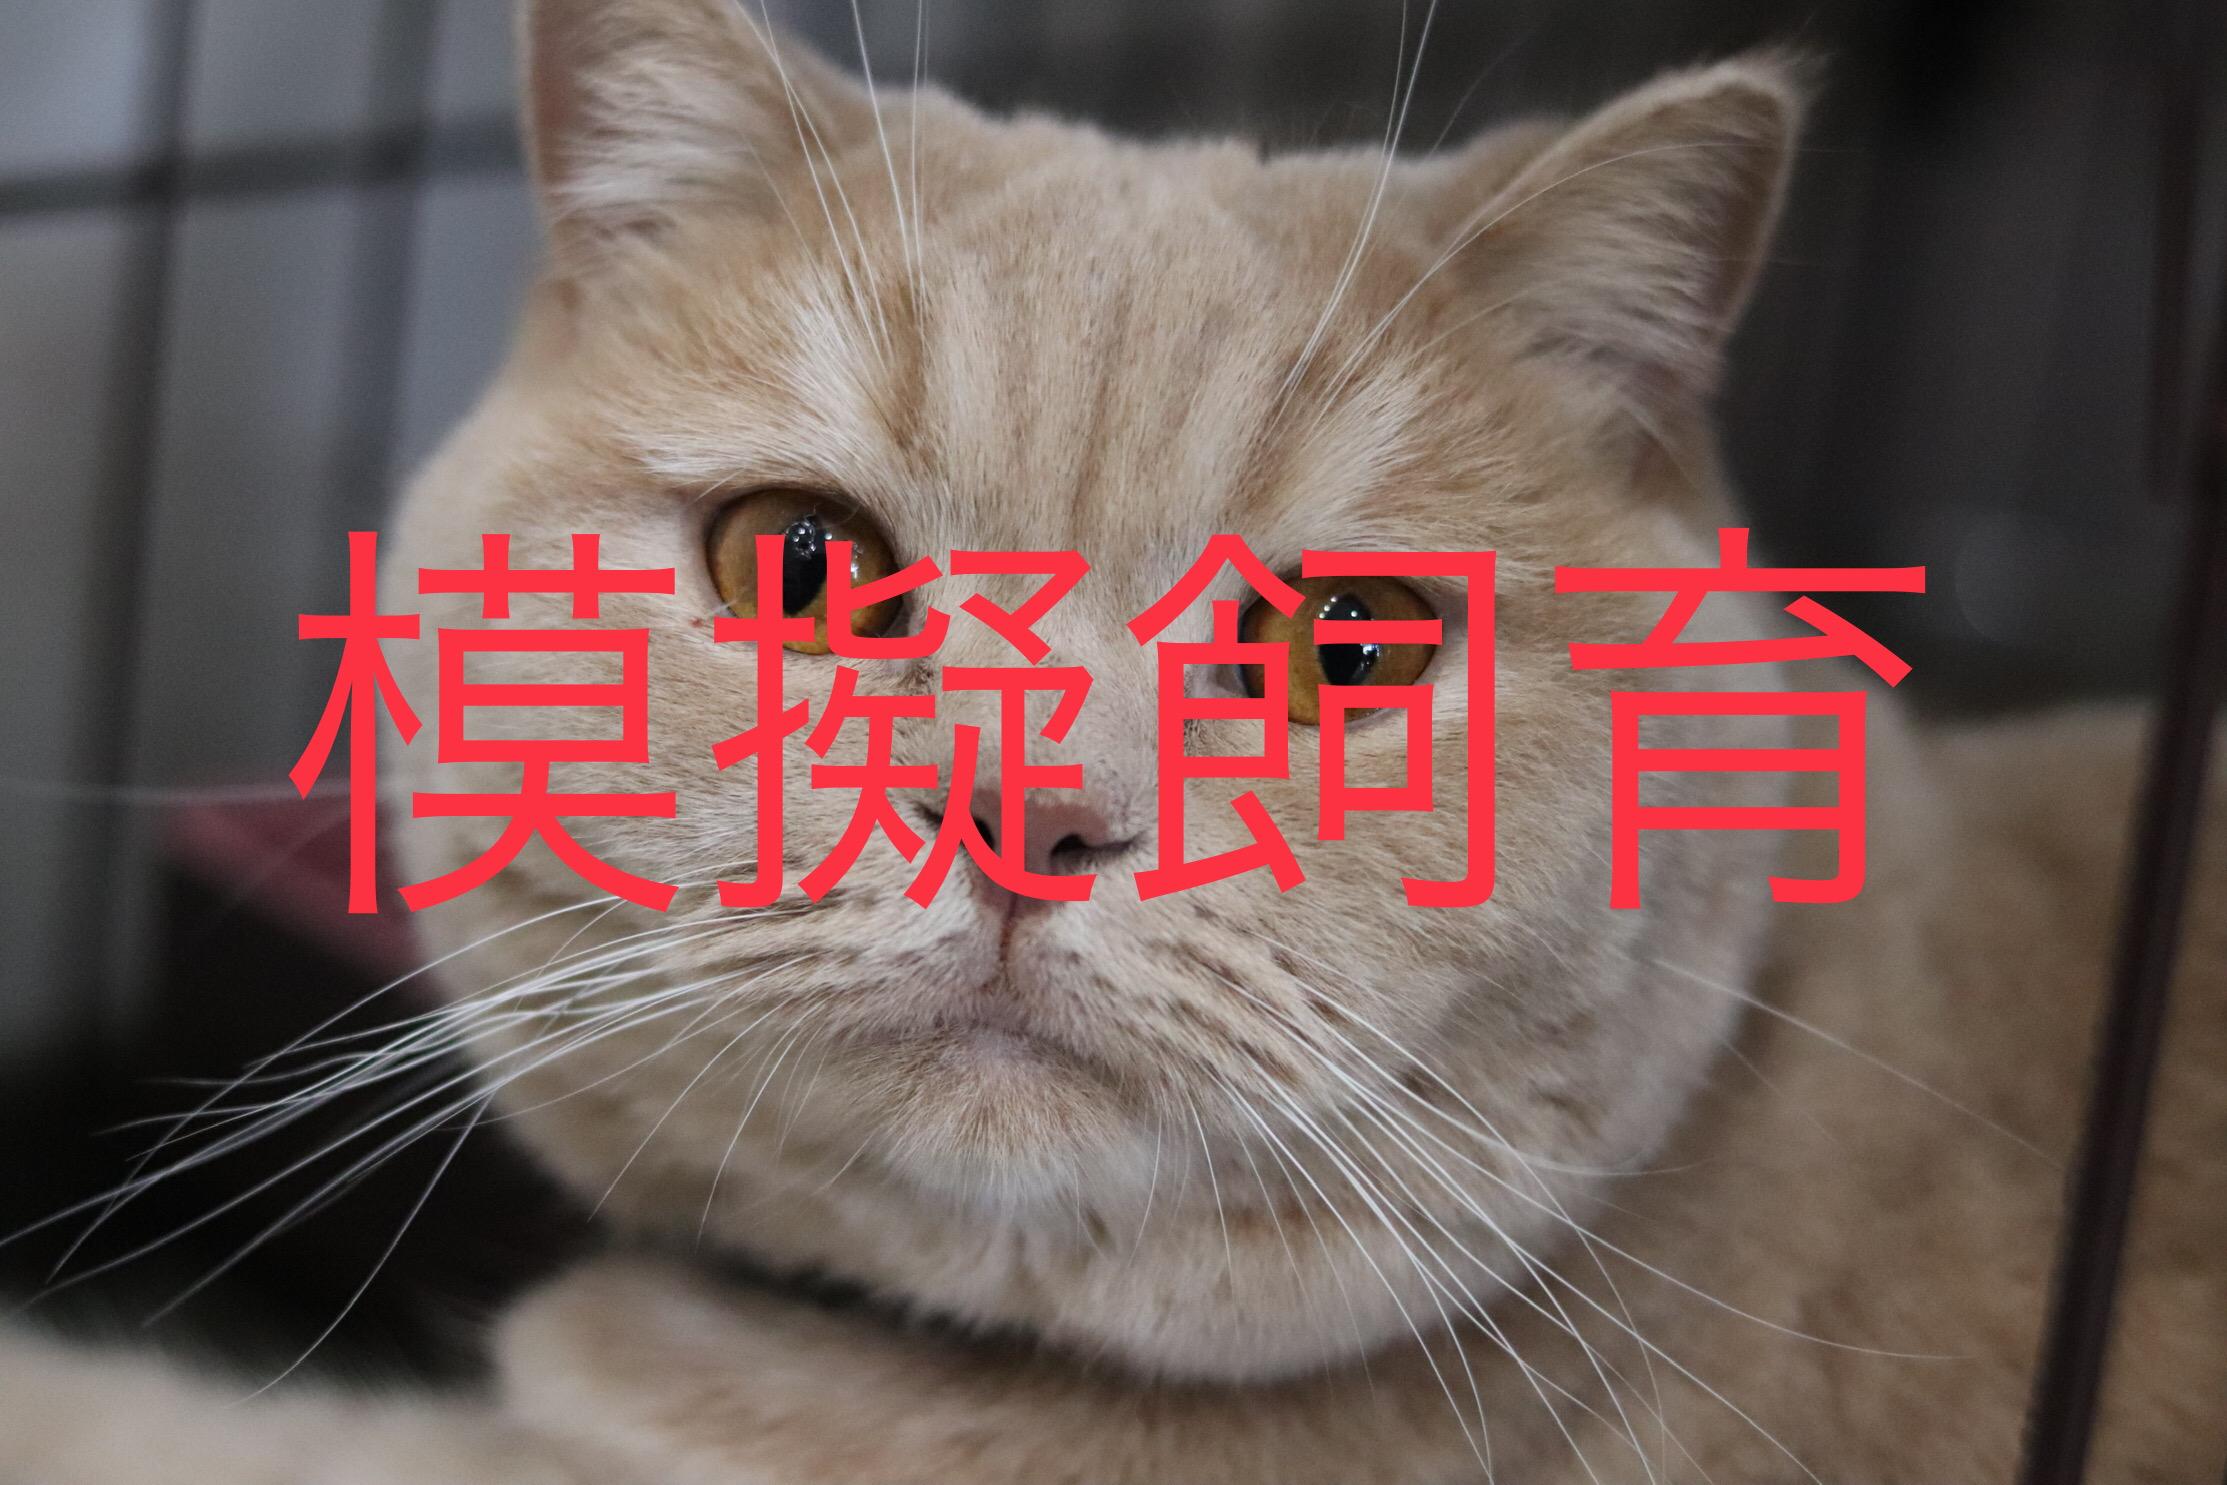 <ul> <li>猫種:ブリティッシュショートヘア</li> <li>性別:男の子</li> <li>名前:カール</li> <li>年齢:2017.4.29生まれ</li> <li>保護経緯:家族がアレルギー発症したため飼育困難になりました</li> </ul>